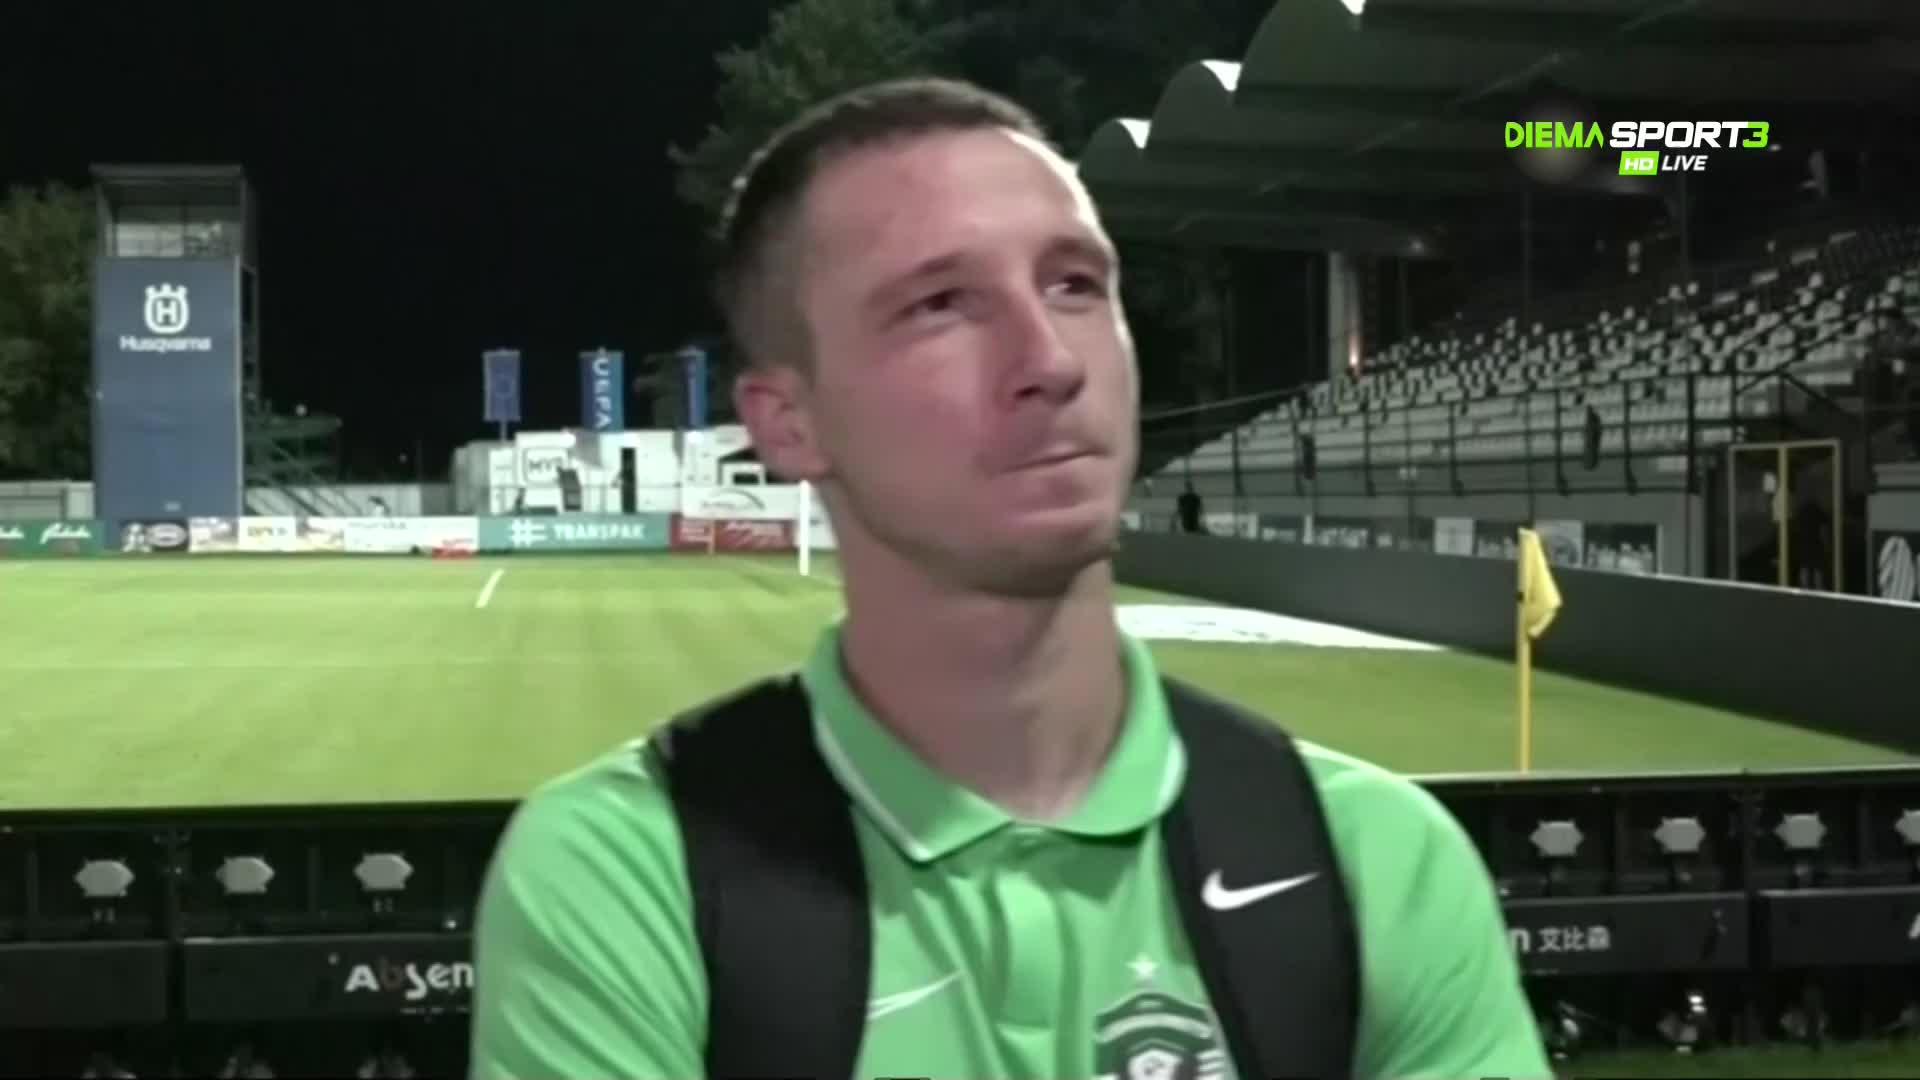 Недялков: Оценката ми за мача е лоша, Кешеру ни липсва